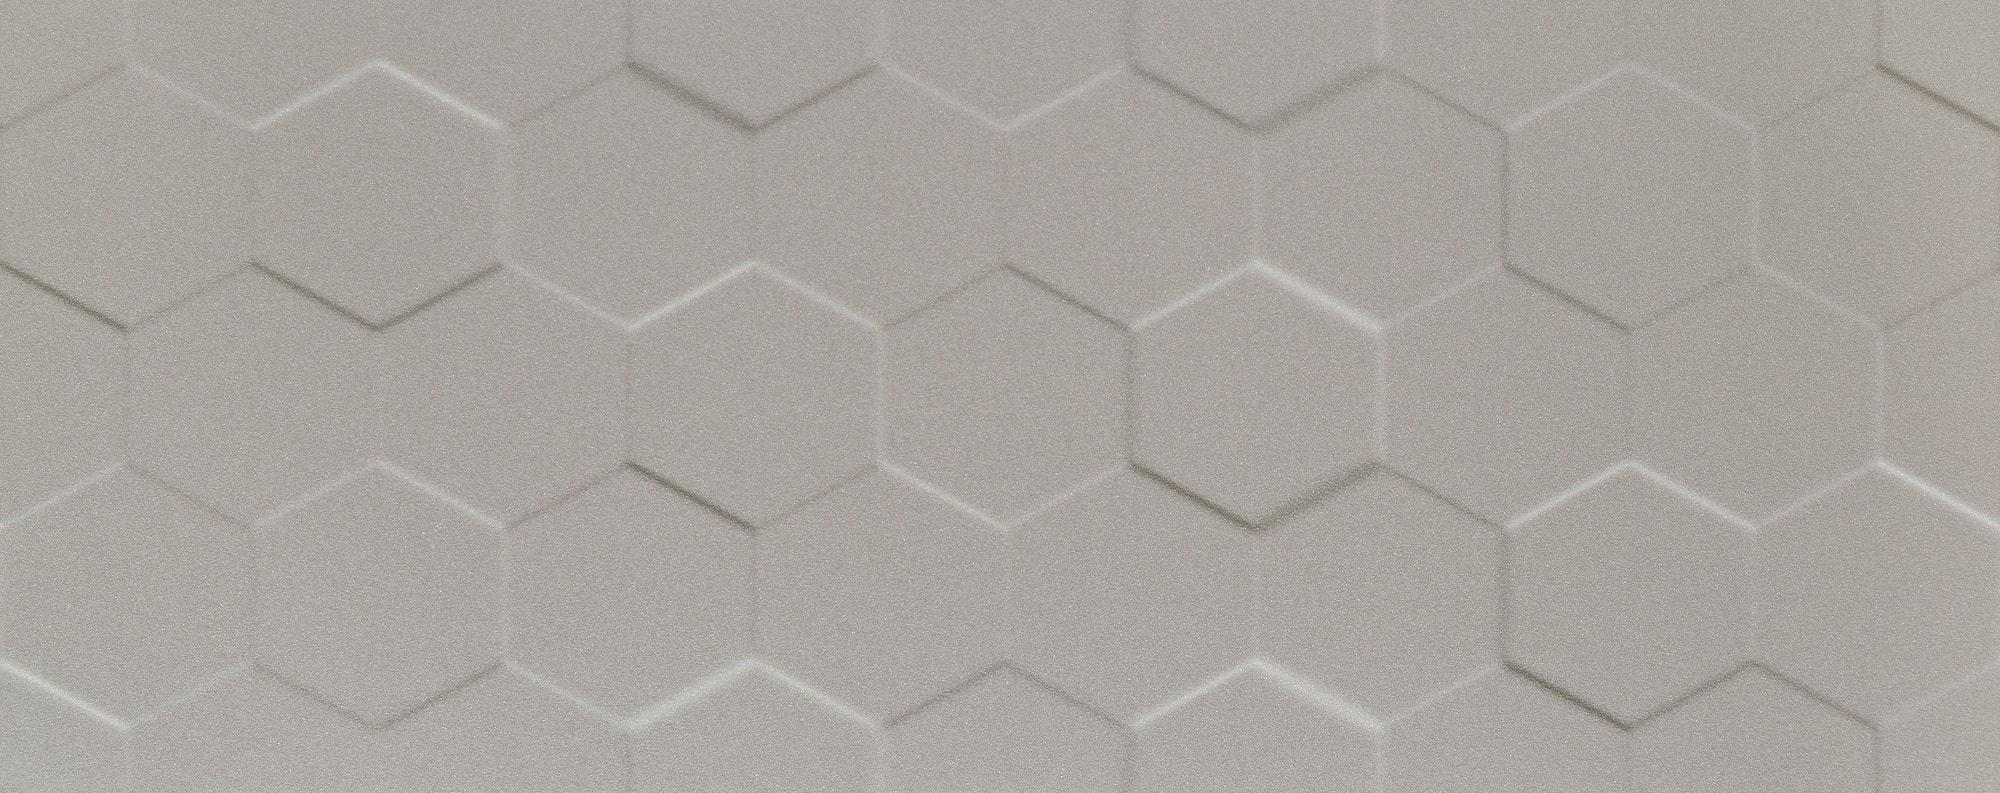 Płytka ścienna Tubądzin Elementary Dust Hex STR 29,8x74,8cm